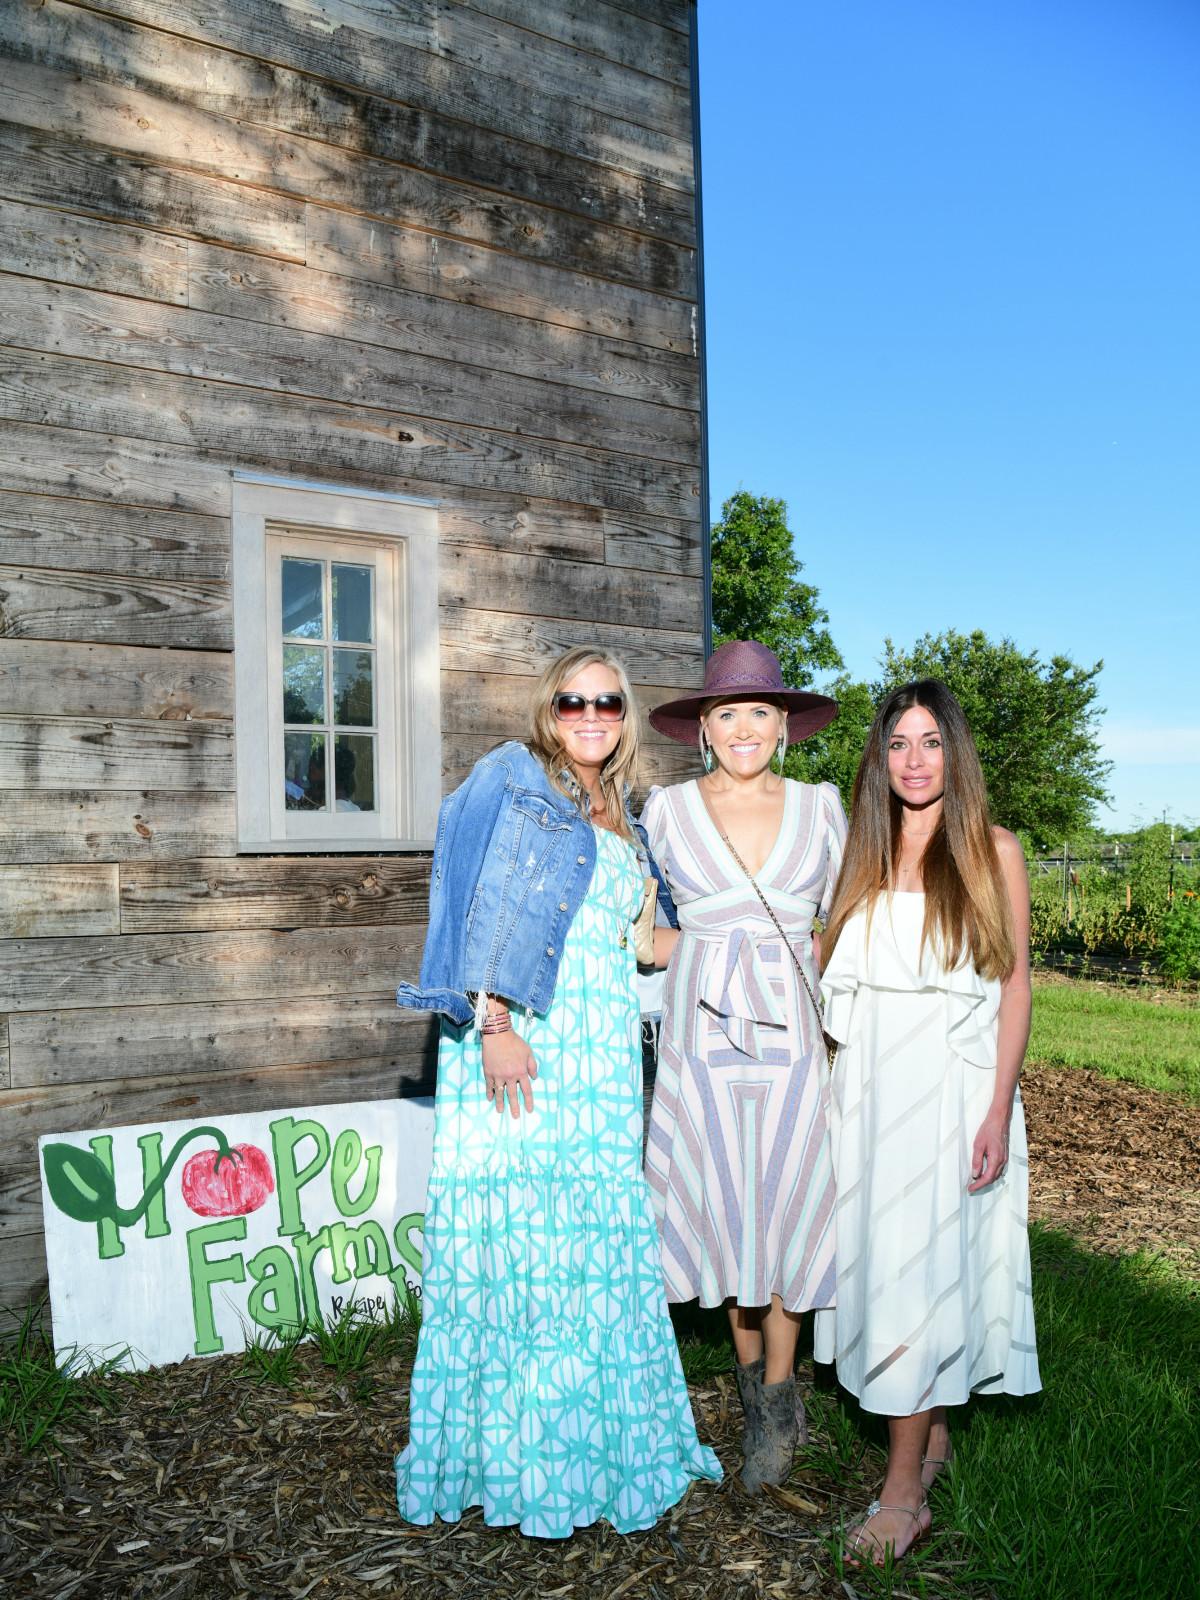 Chefs in the Field Hope Farms Summer 2019 Melissa Sugulas, Amanda Boffone, Elizabeth Dwyer